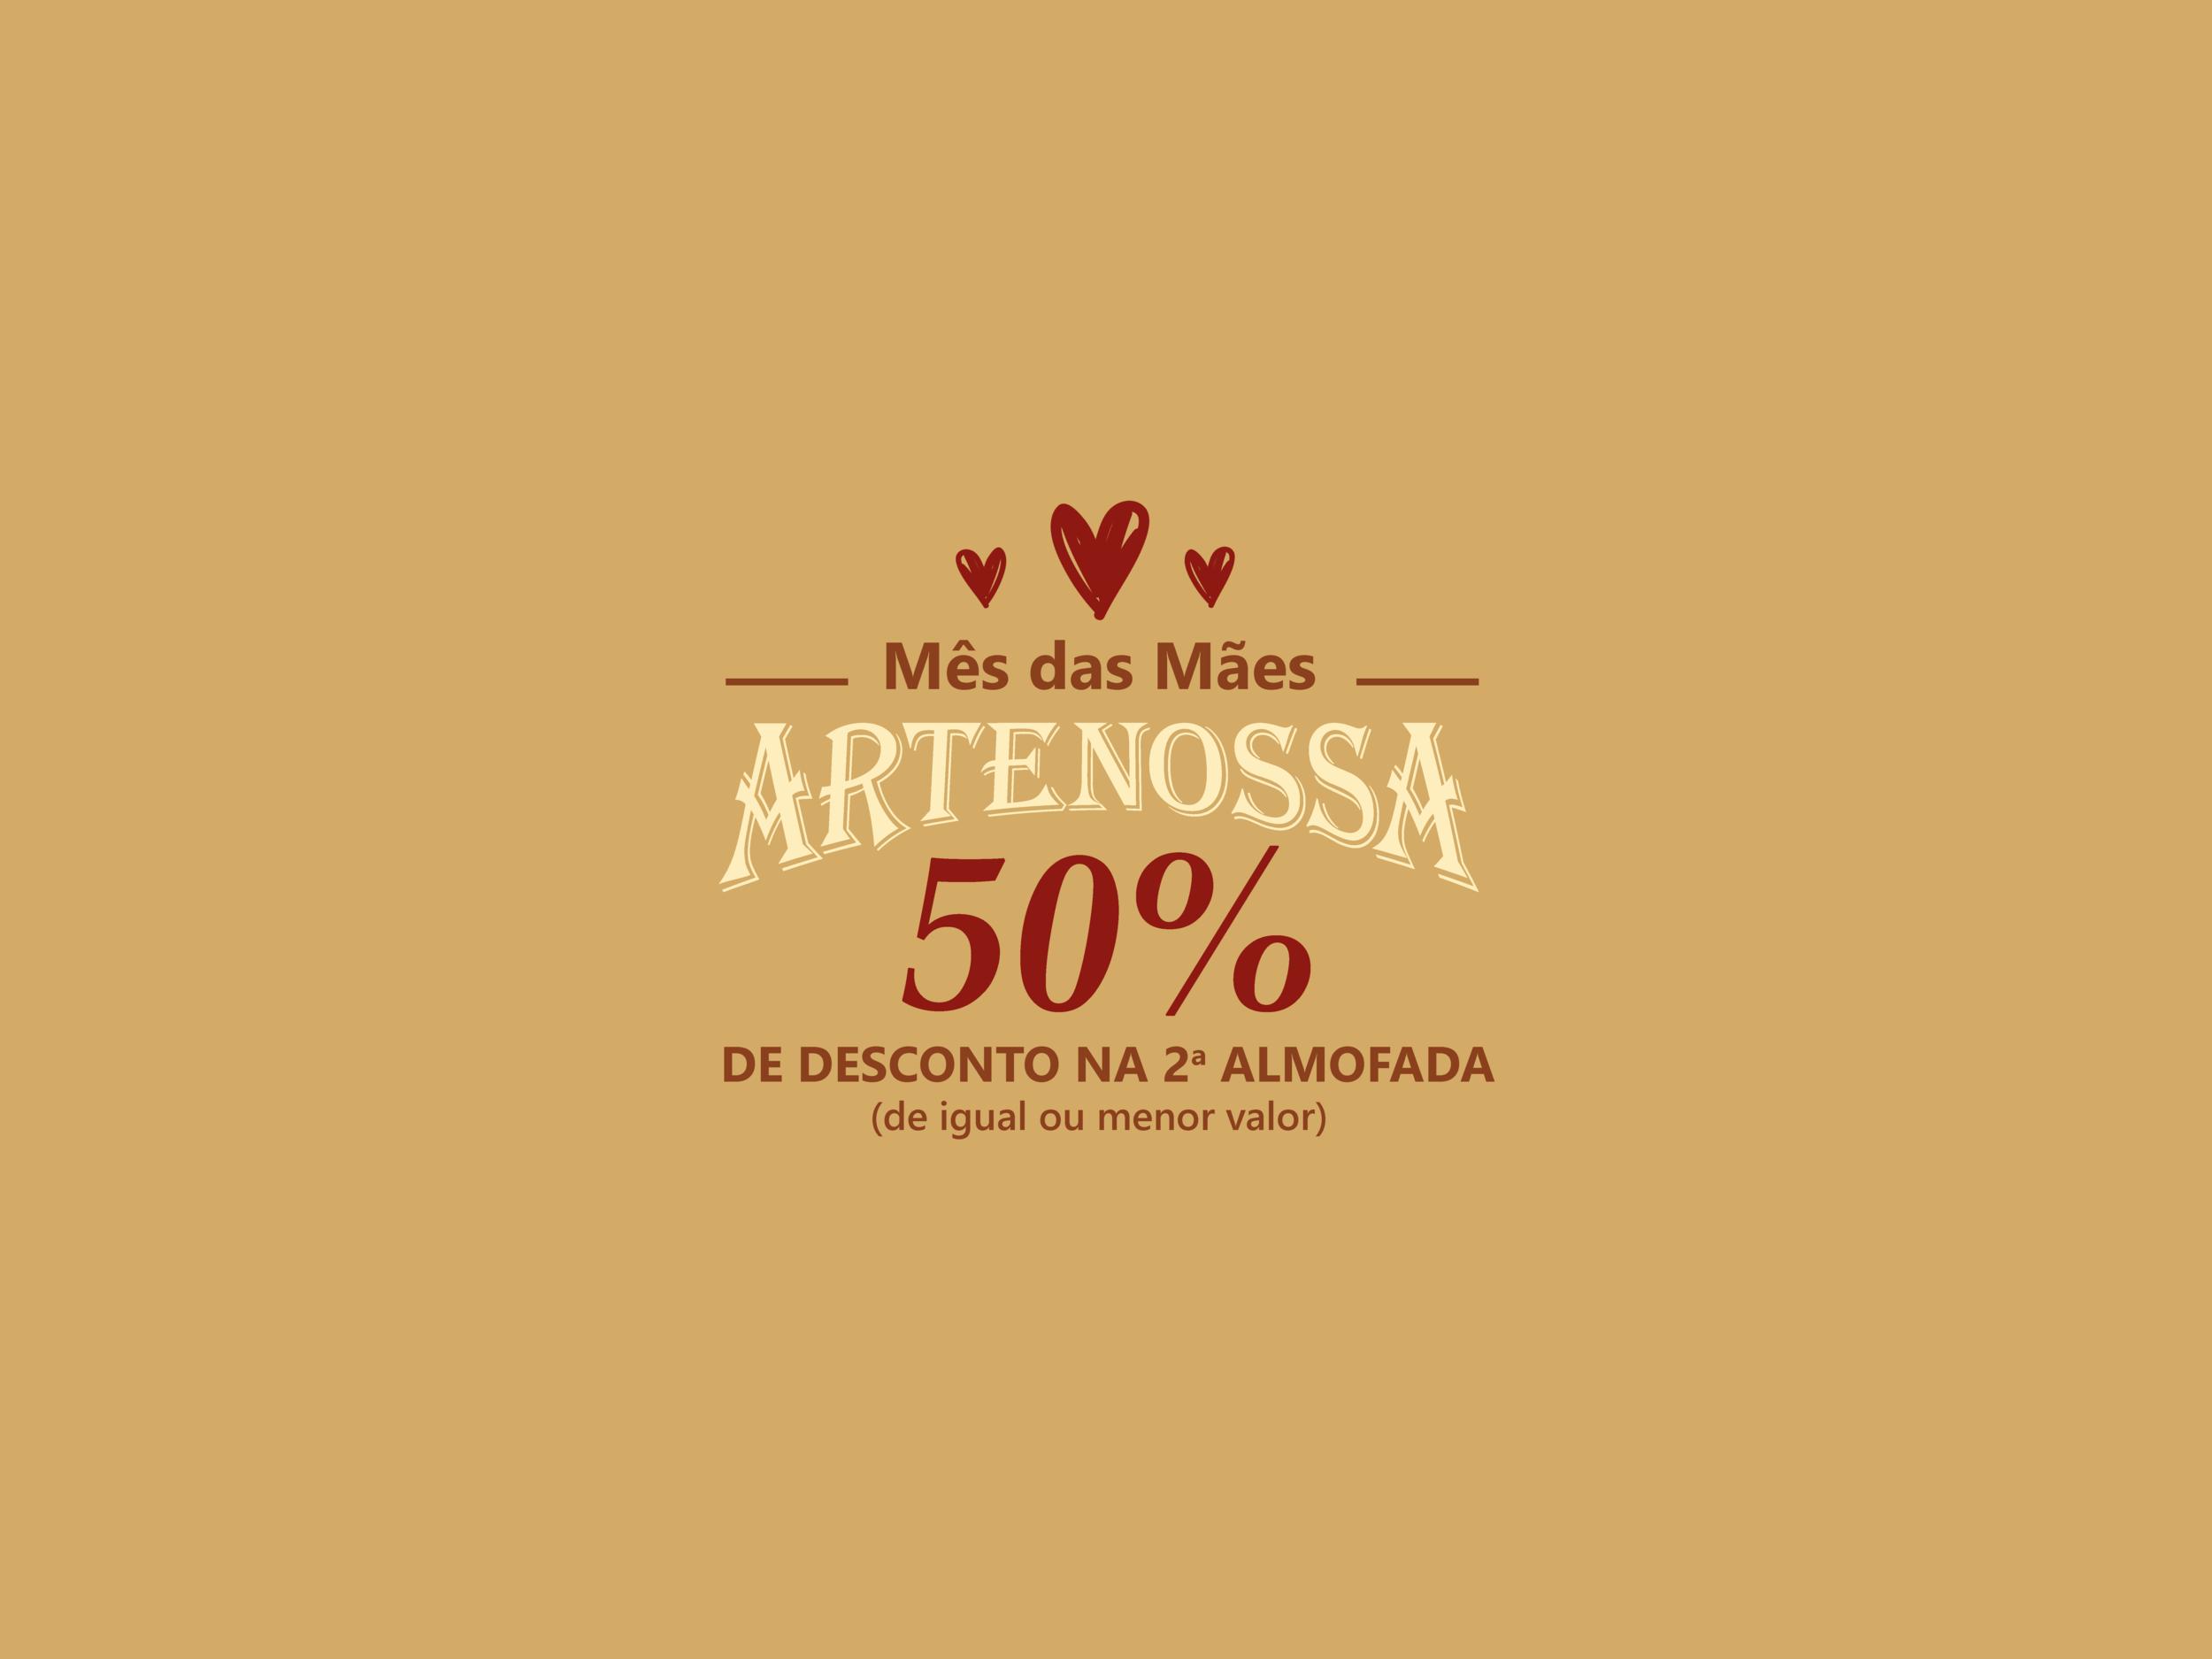 Artenossa_Comunicação_Campanha_Mães_PromoAlmofadas_Site_BannerHome3.png